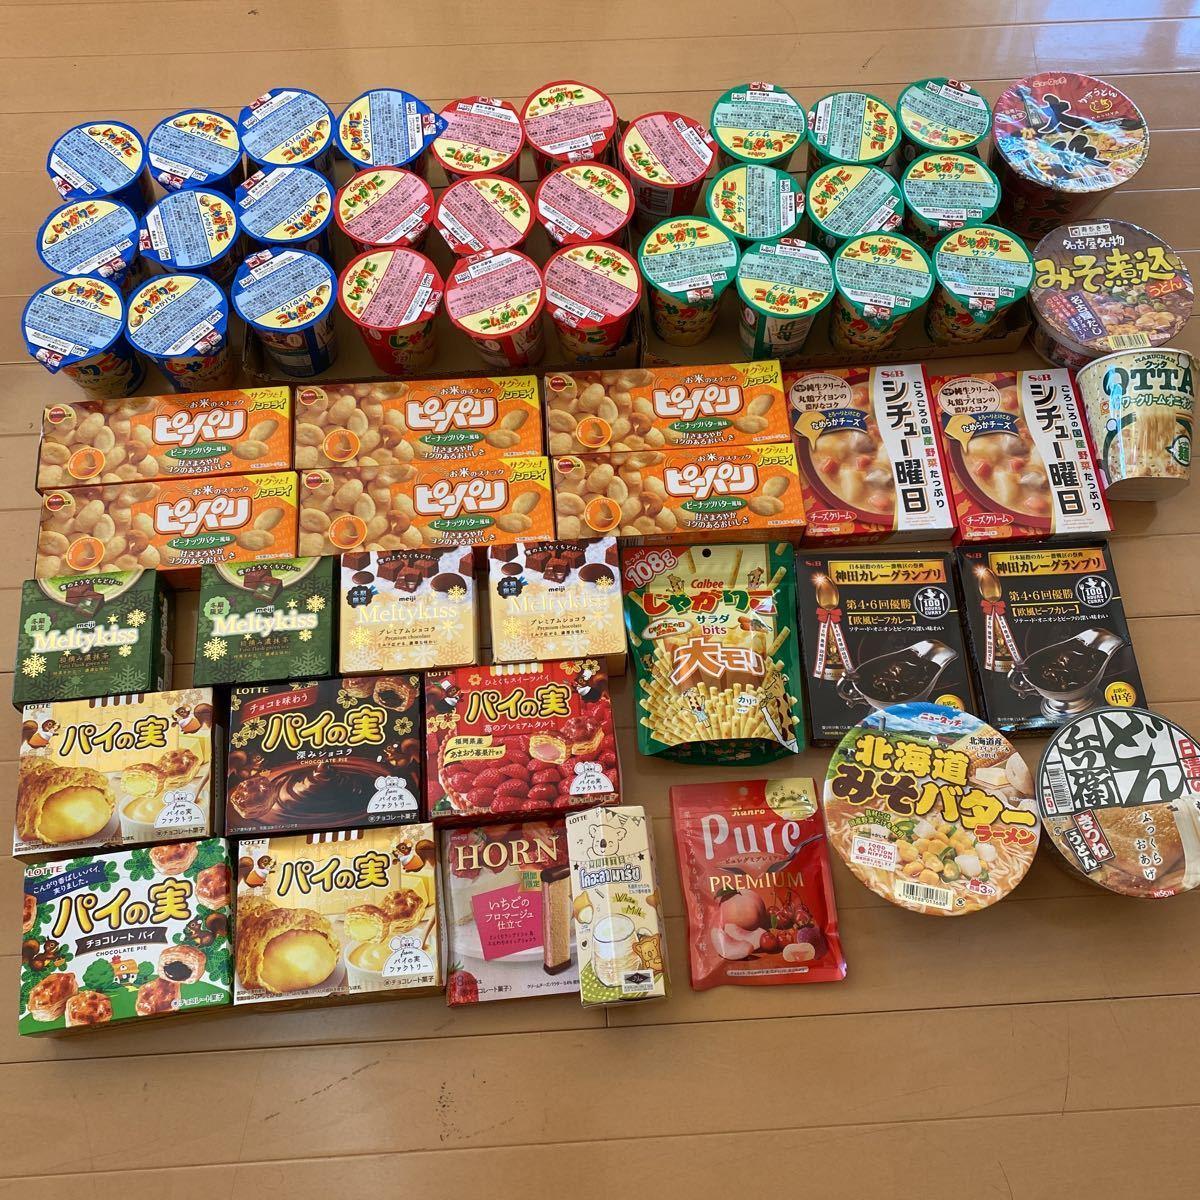 お買い得に!お菓子詰め合わせ まとめて カップ麺 箱買い 非常食 まとめ買い じゃがりこ チョコ_画像1